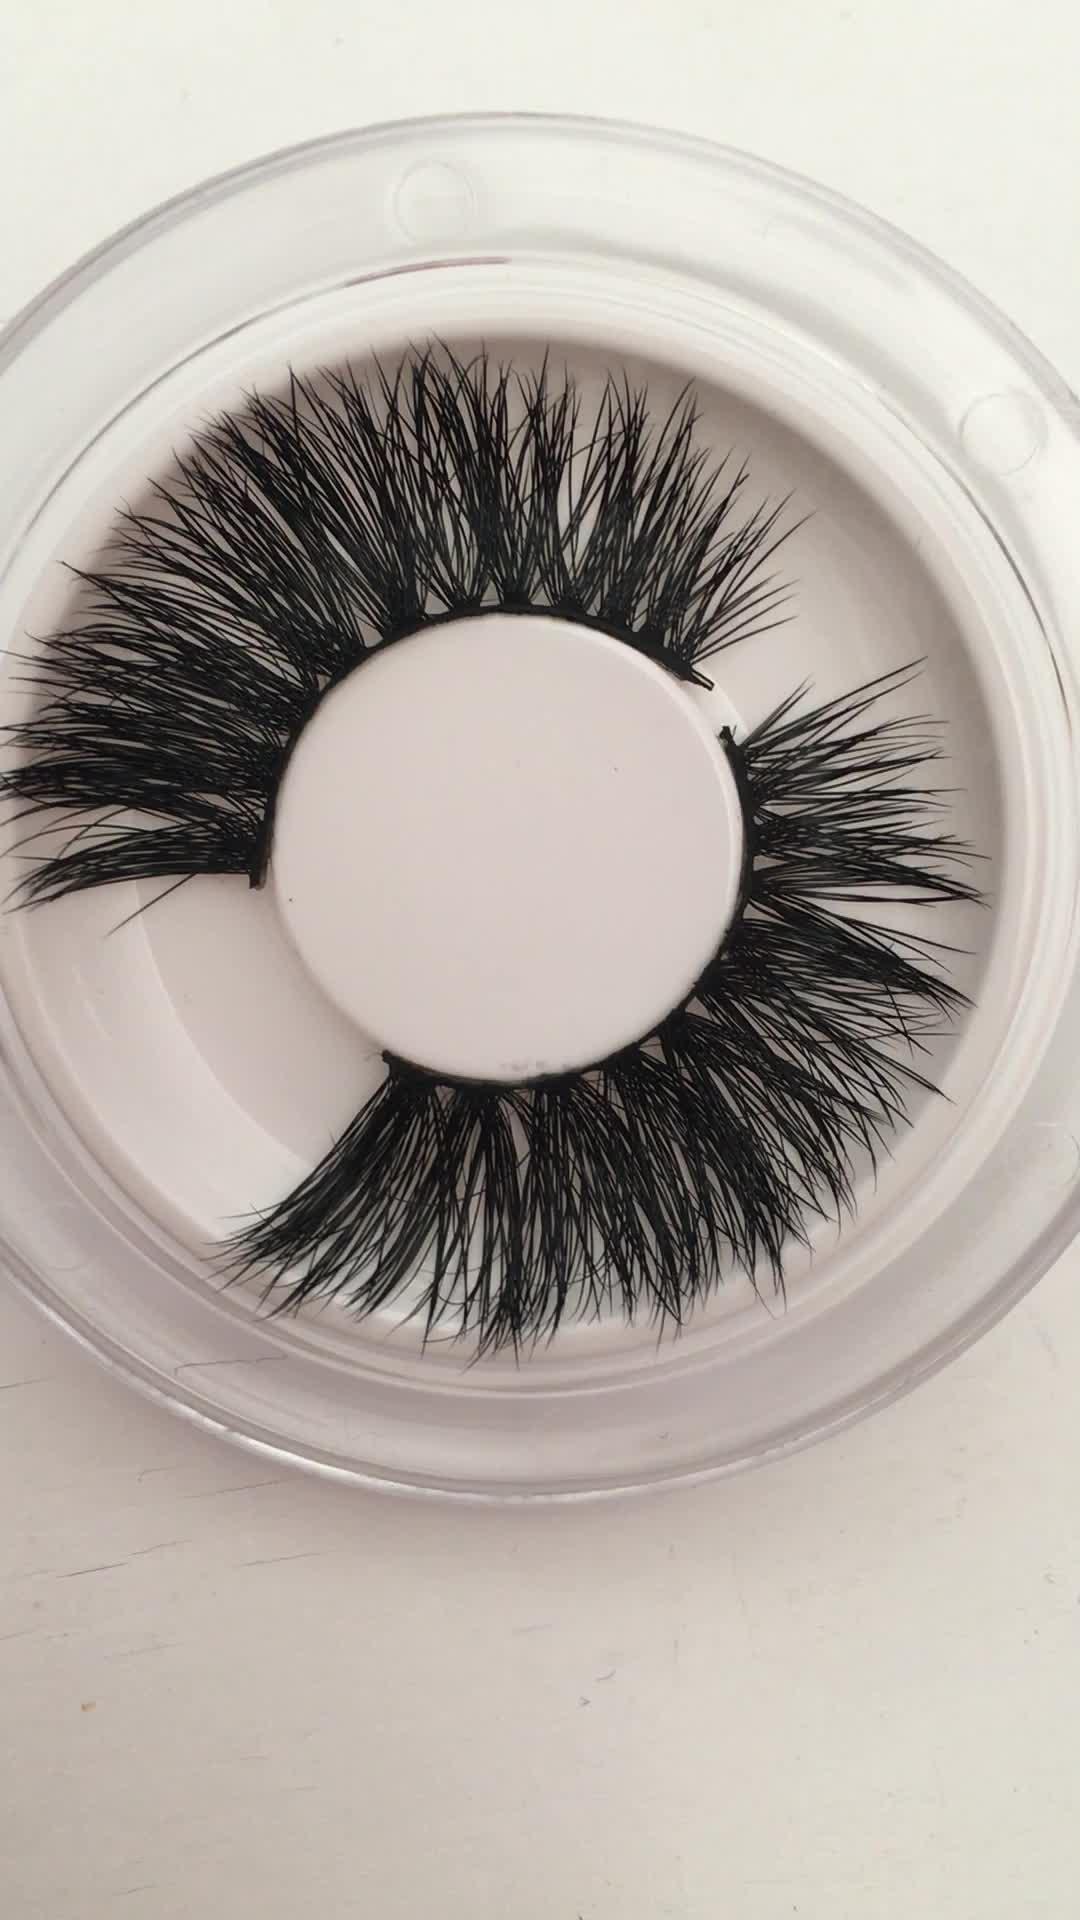 False Eyelashes Manufacturer Indonesia Cheap Eye Lashes Reusable